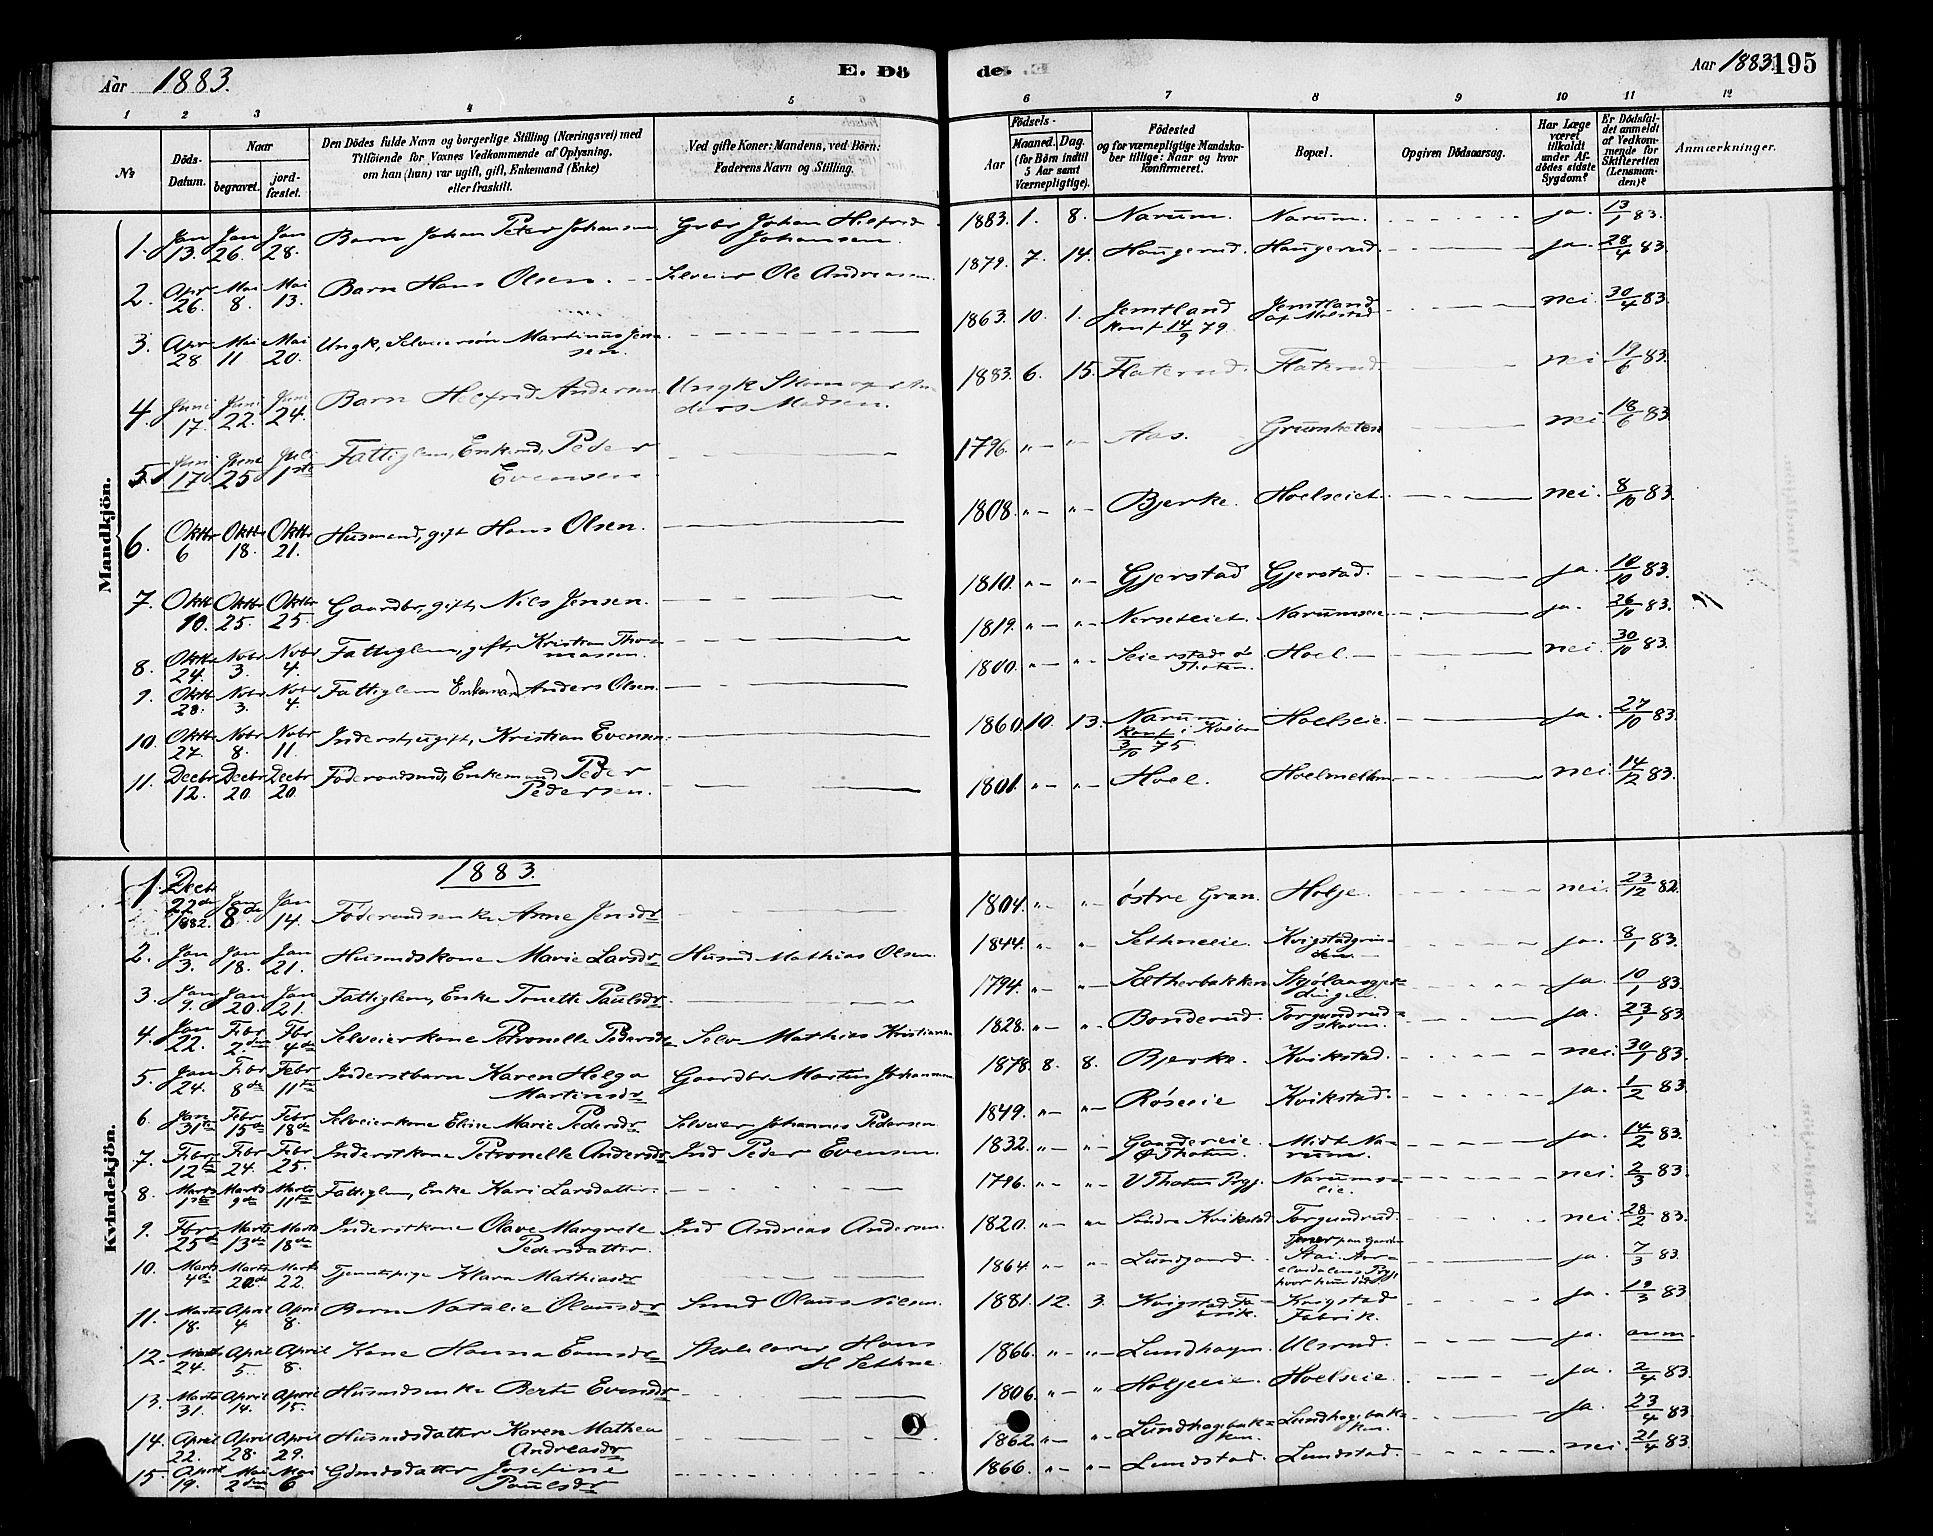 SAH, Vestre Toten prestekontor, Ministerialbok nr. 10, 1878-1894, s. 195